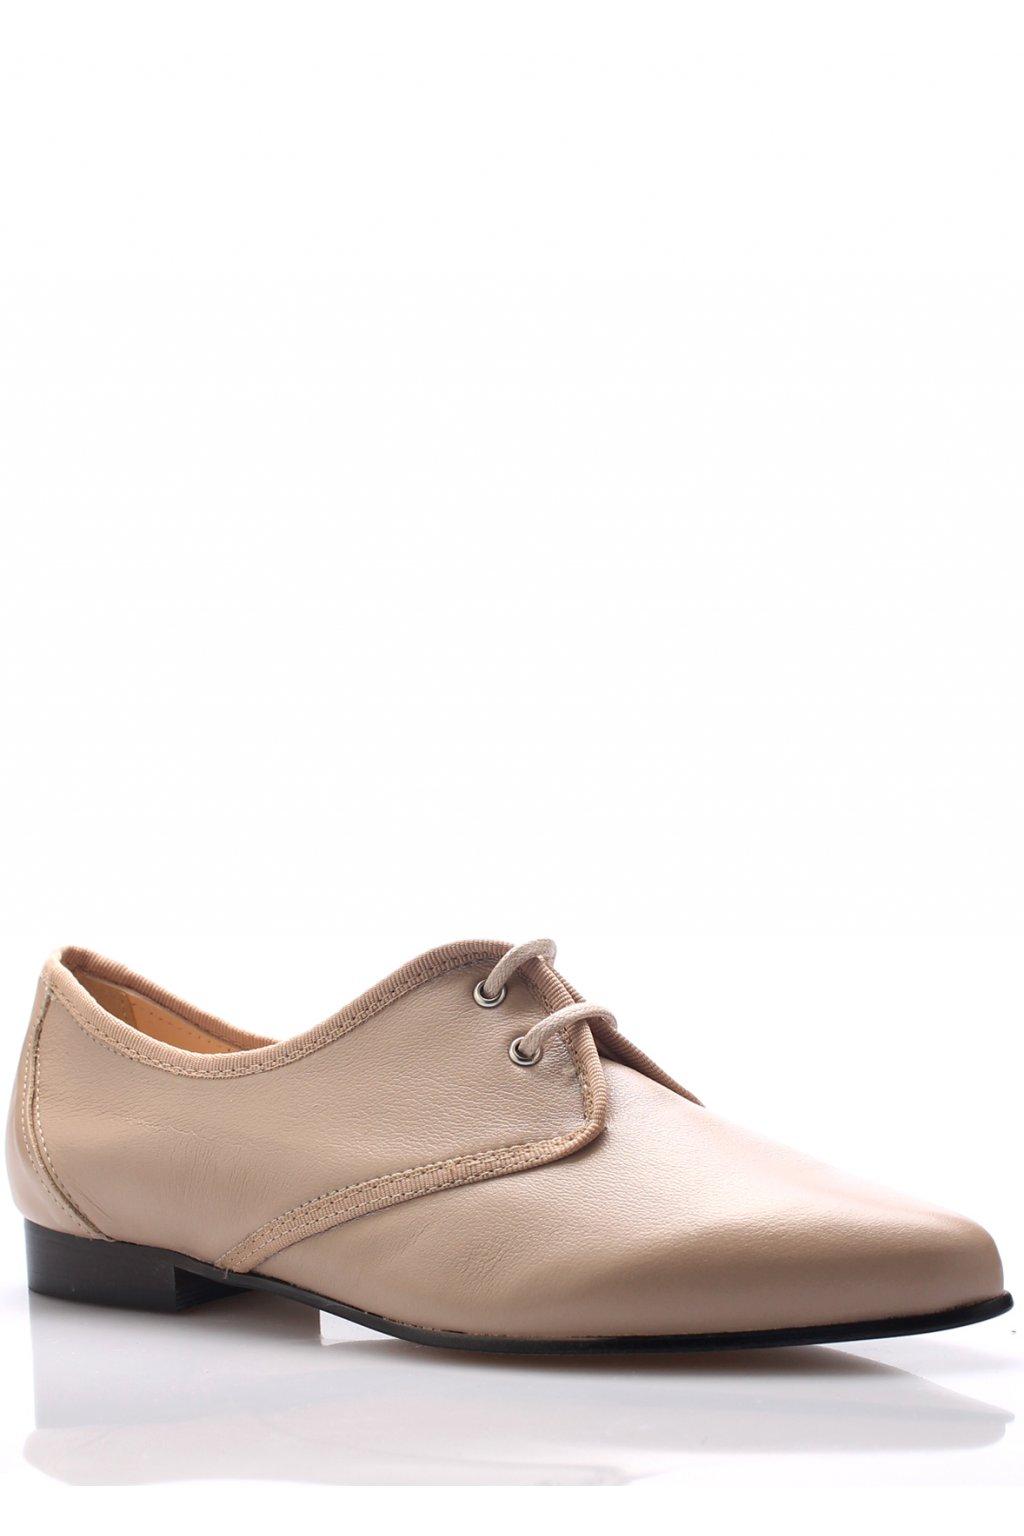 Béžové kožené boty se špičkou Maria Jaén